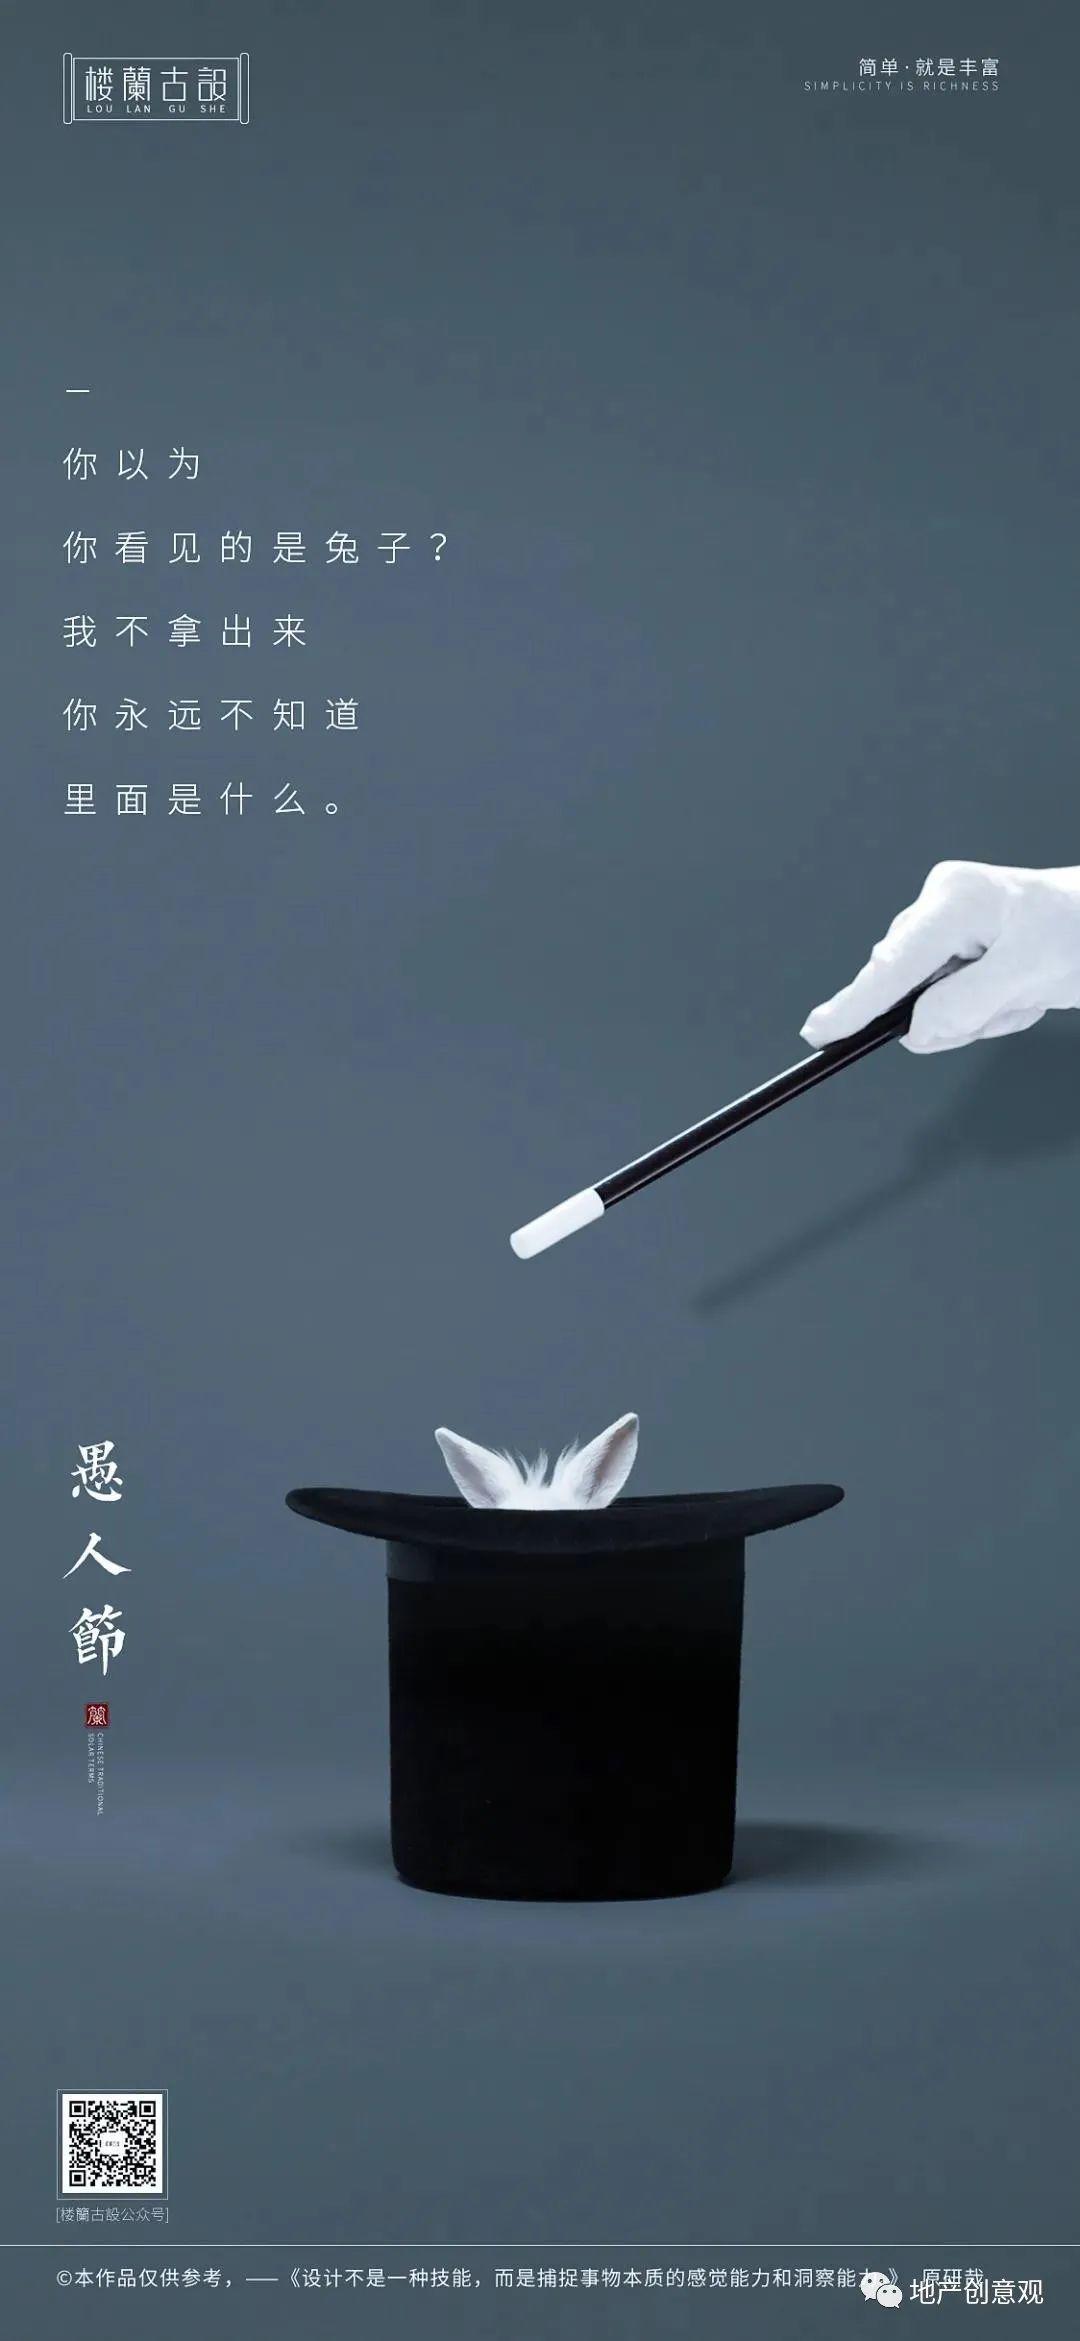 地产广告丨2021愚人节借势海报文案欣赏~插图222